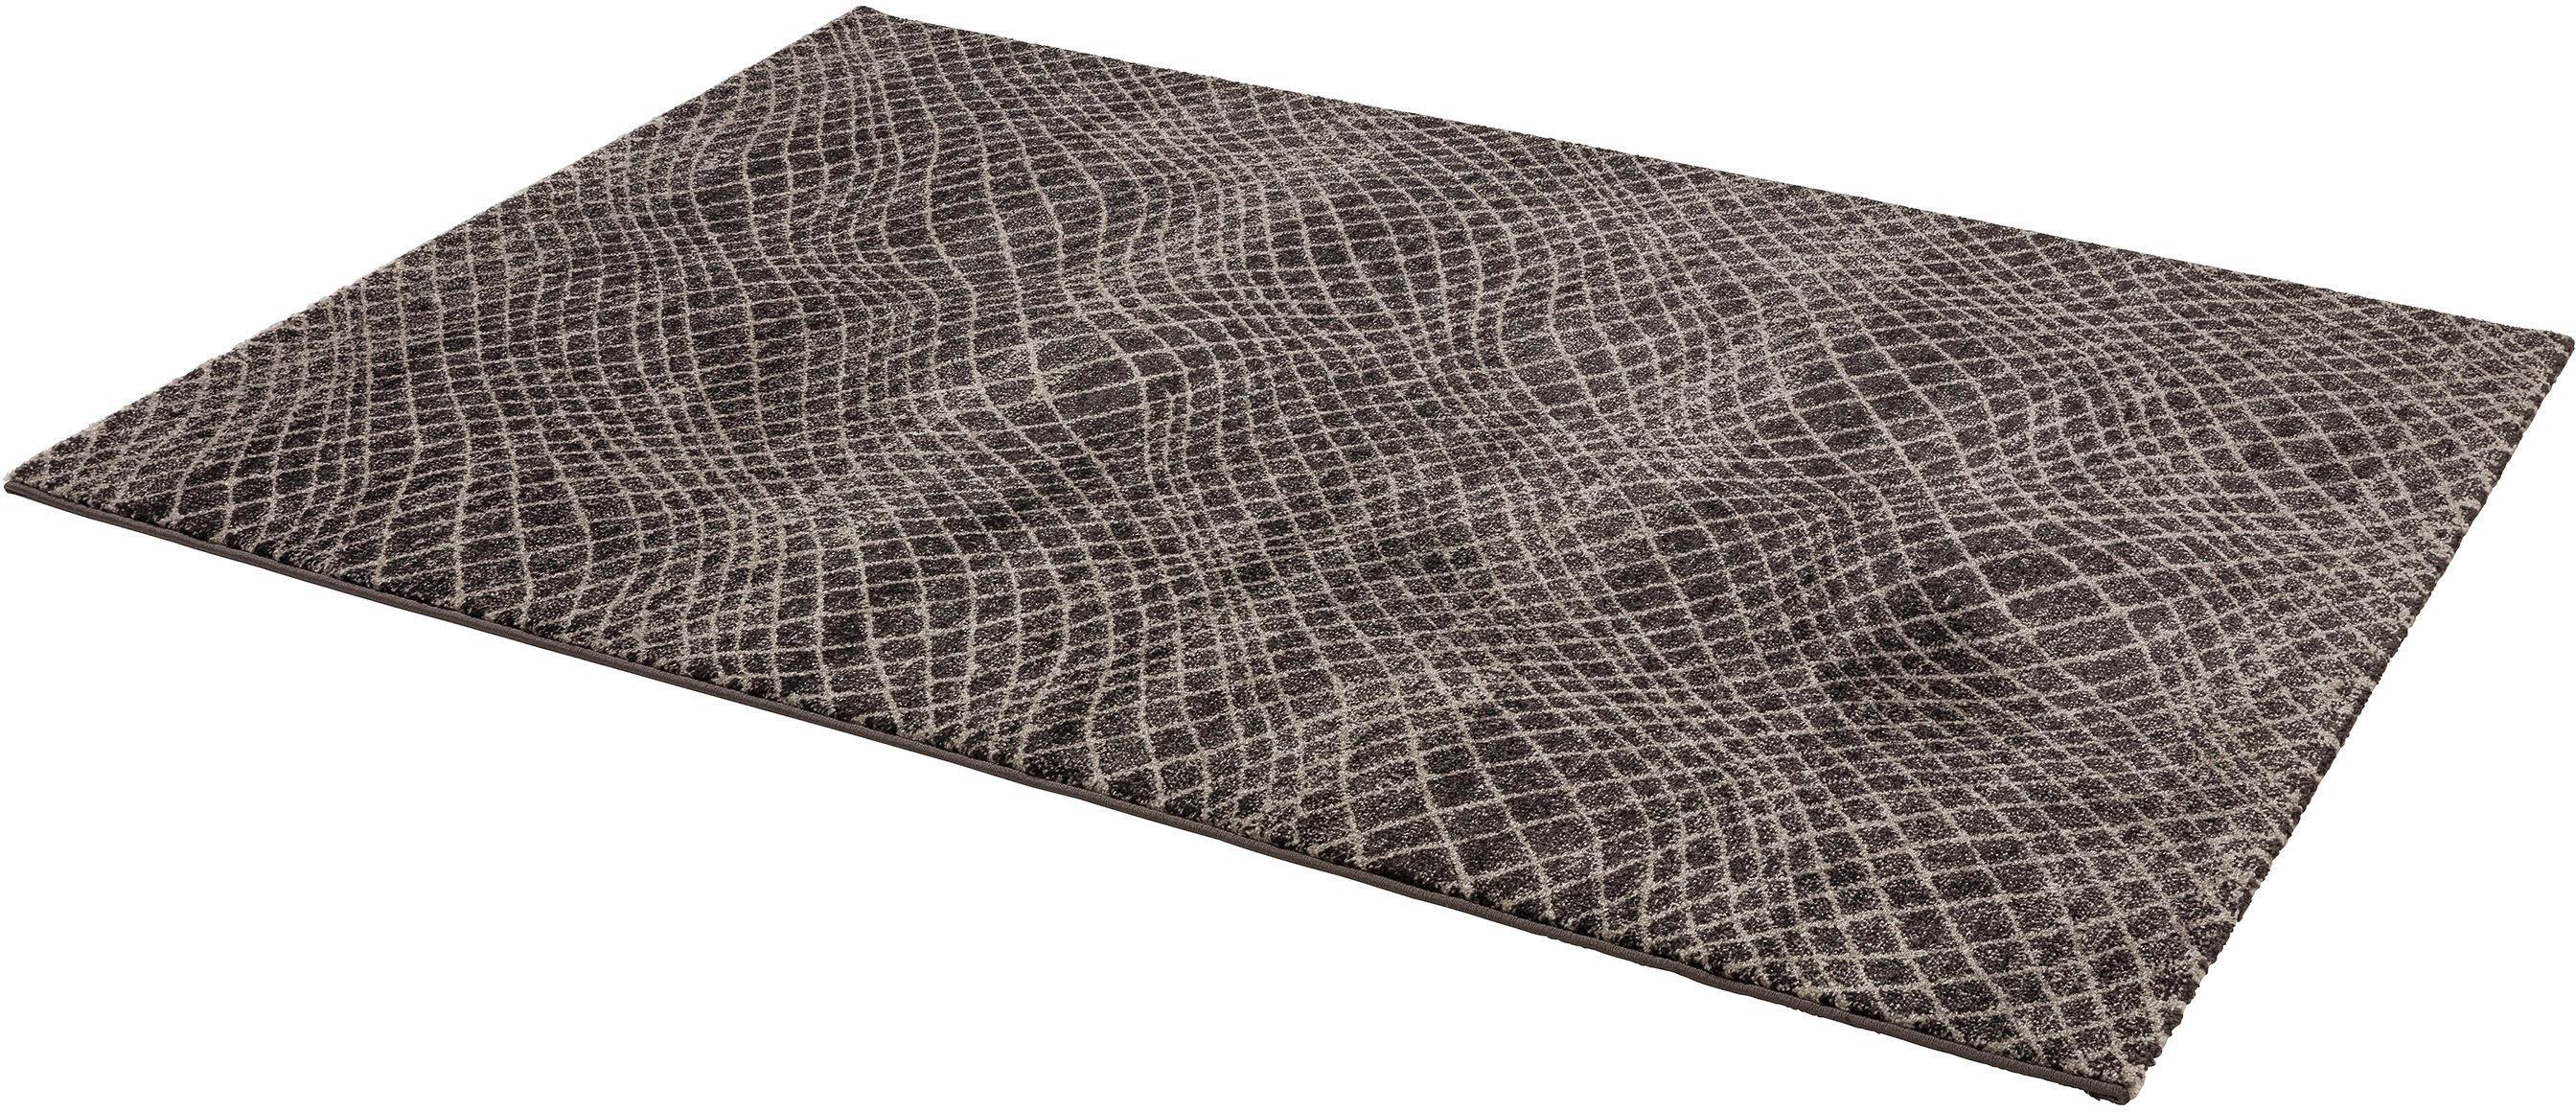 Teppich Carpi Gitter ASTRA rechteckig Höhe 15 mm